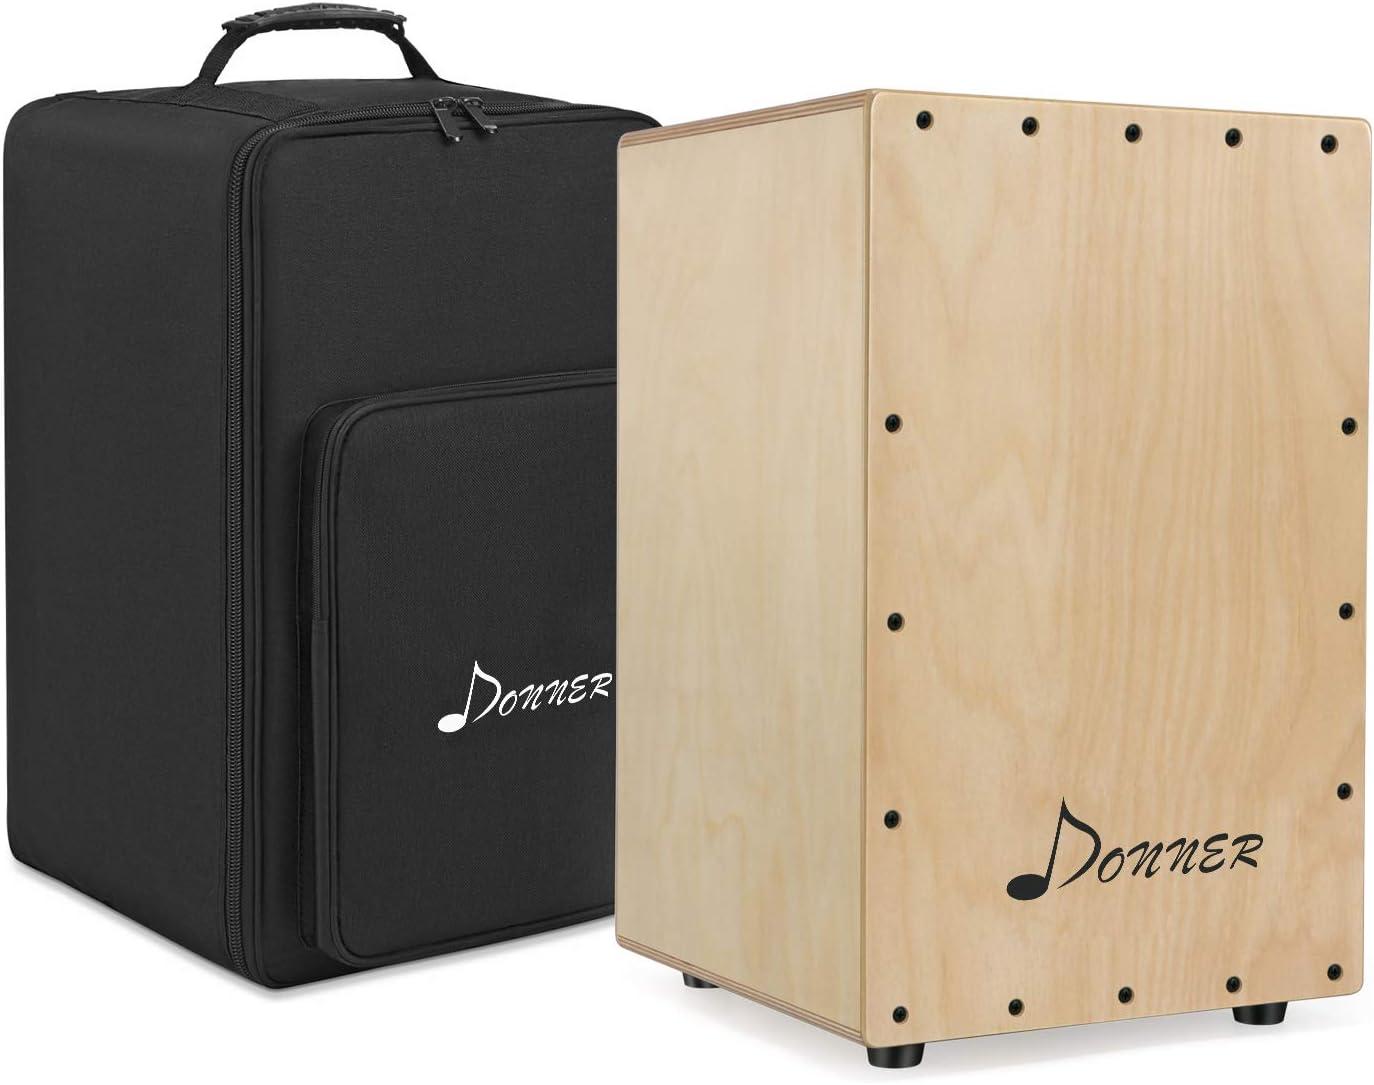 Donner Cajon flamenco adulto, meinl percussion,Tambor Cajón Conjunto de caja compacta de mermelada acústica Cajones de percusión con funda Para niños y adultos principiantes